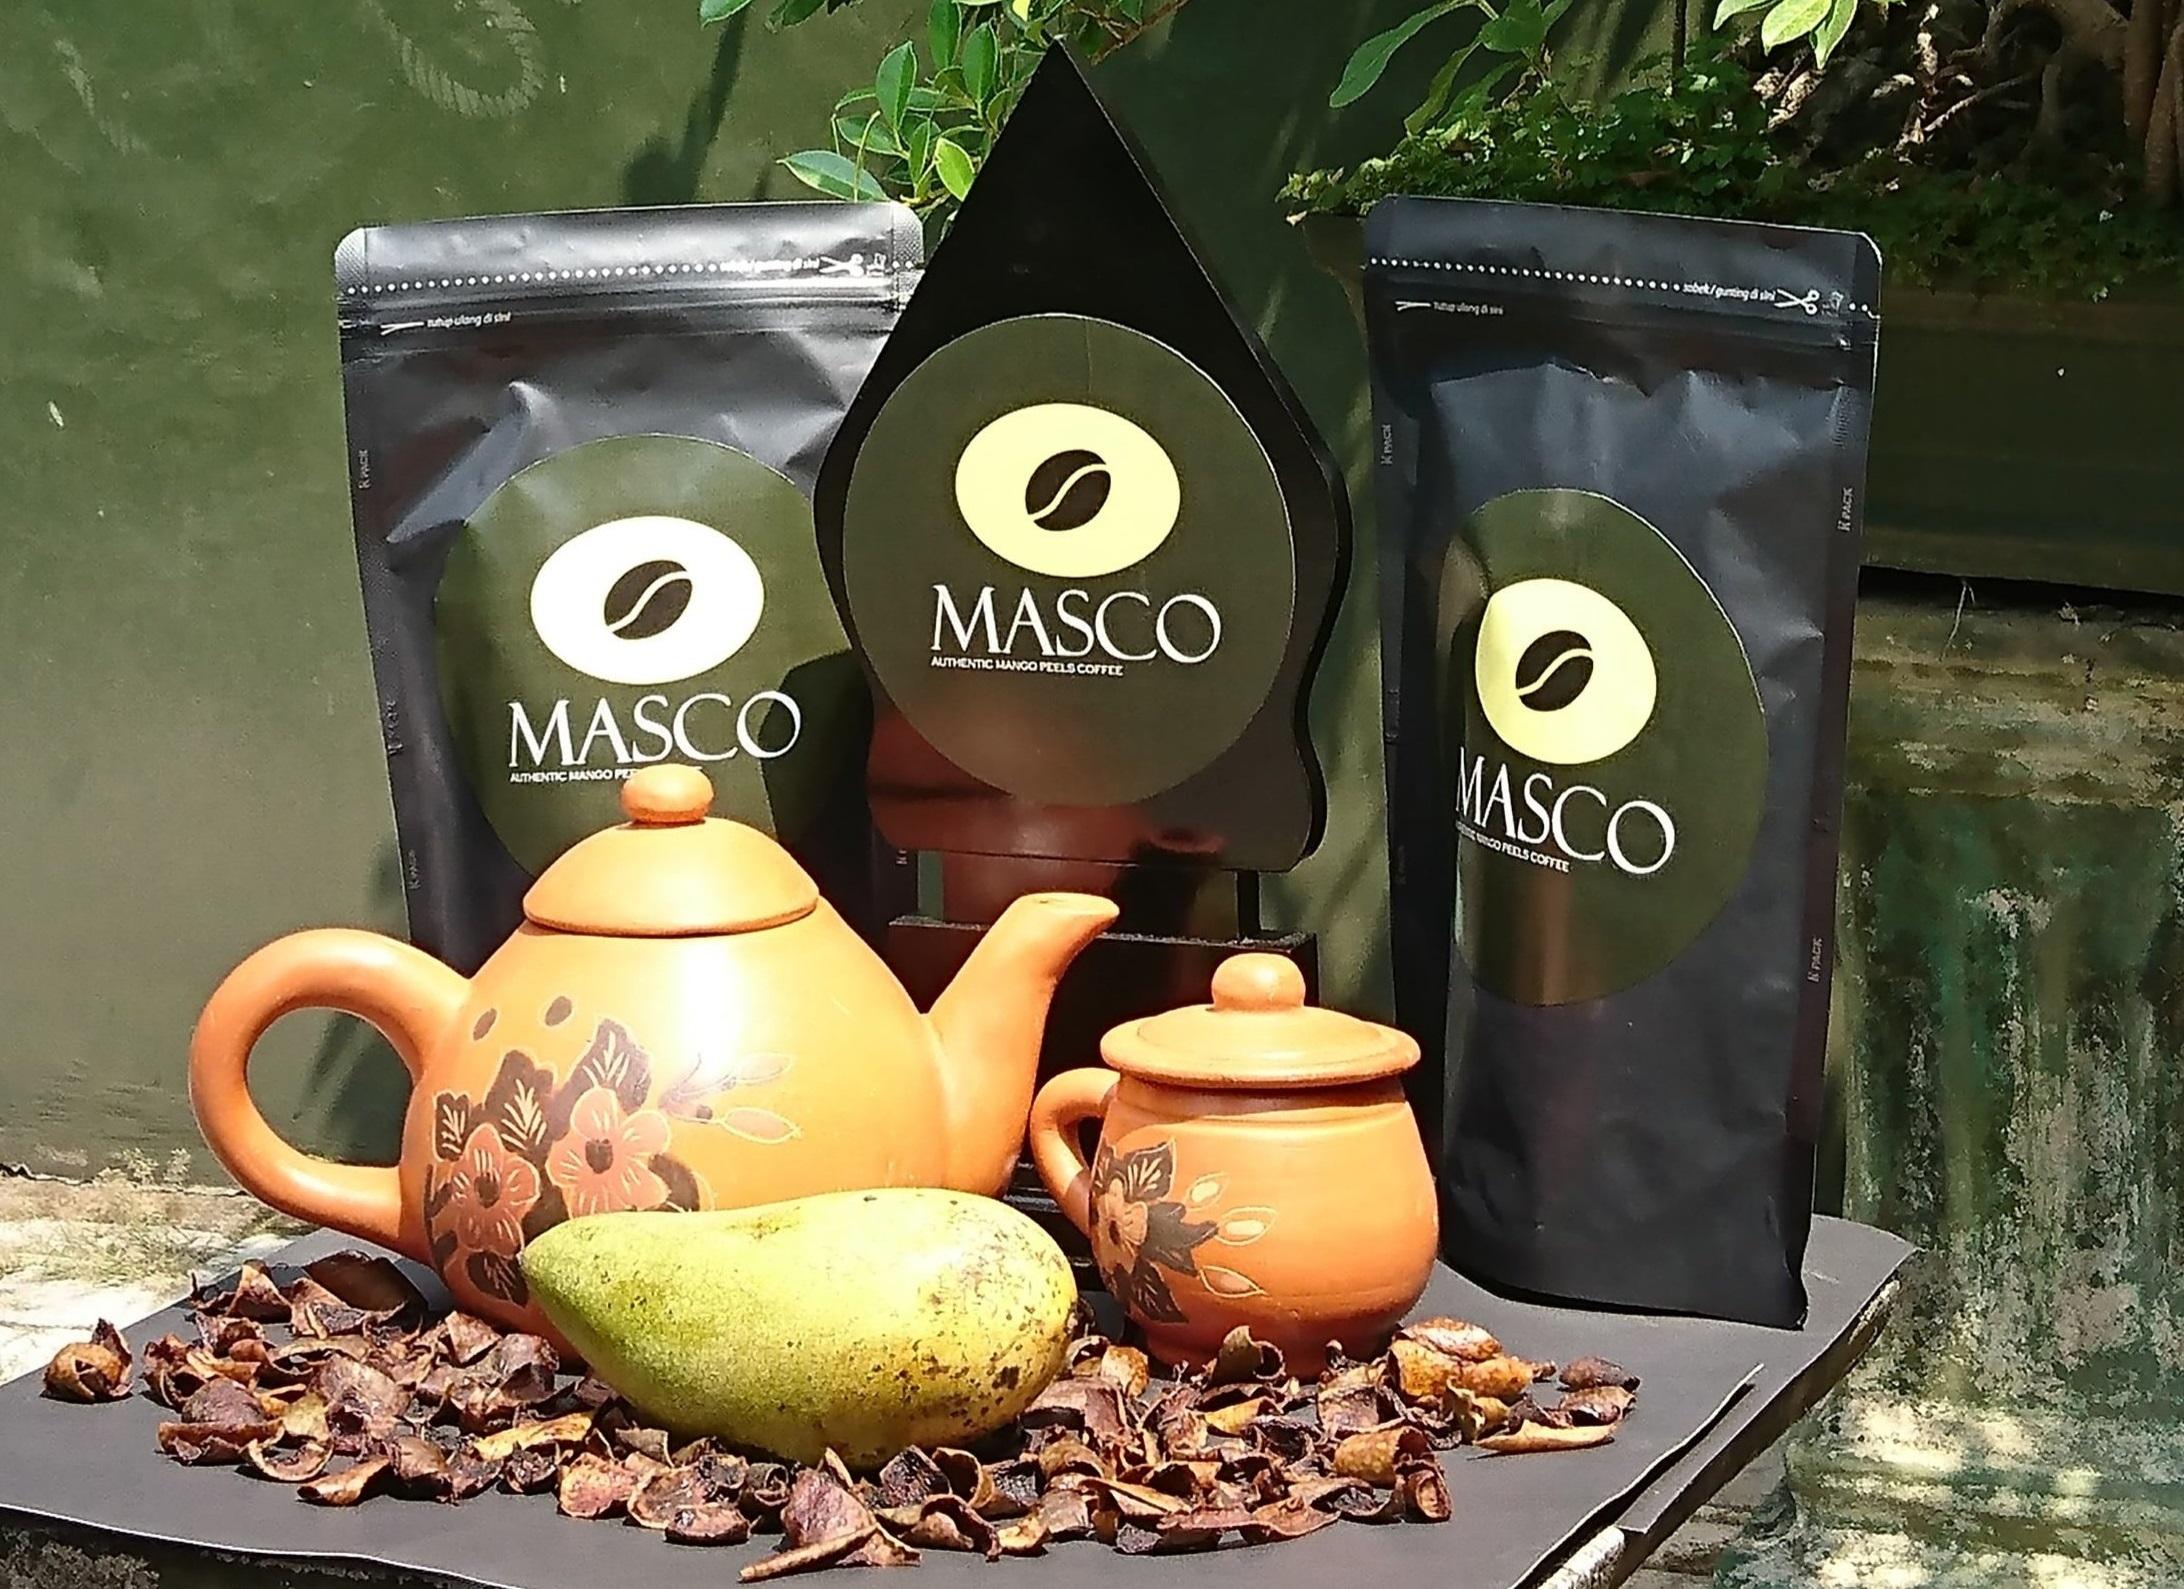 MASCO, kopi kulit mangga | Foto: Dokumentasi Pribadi